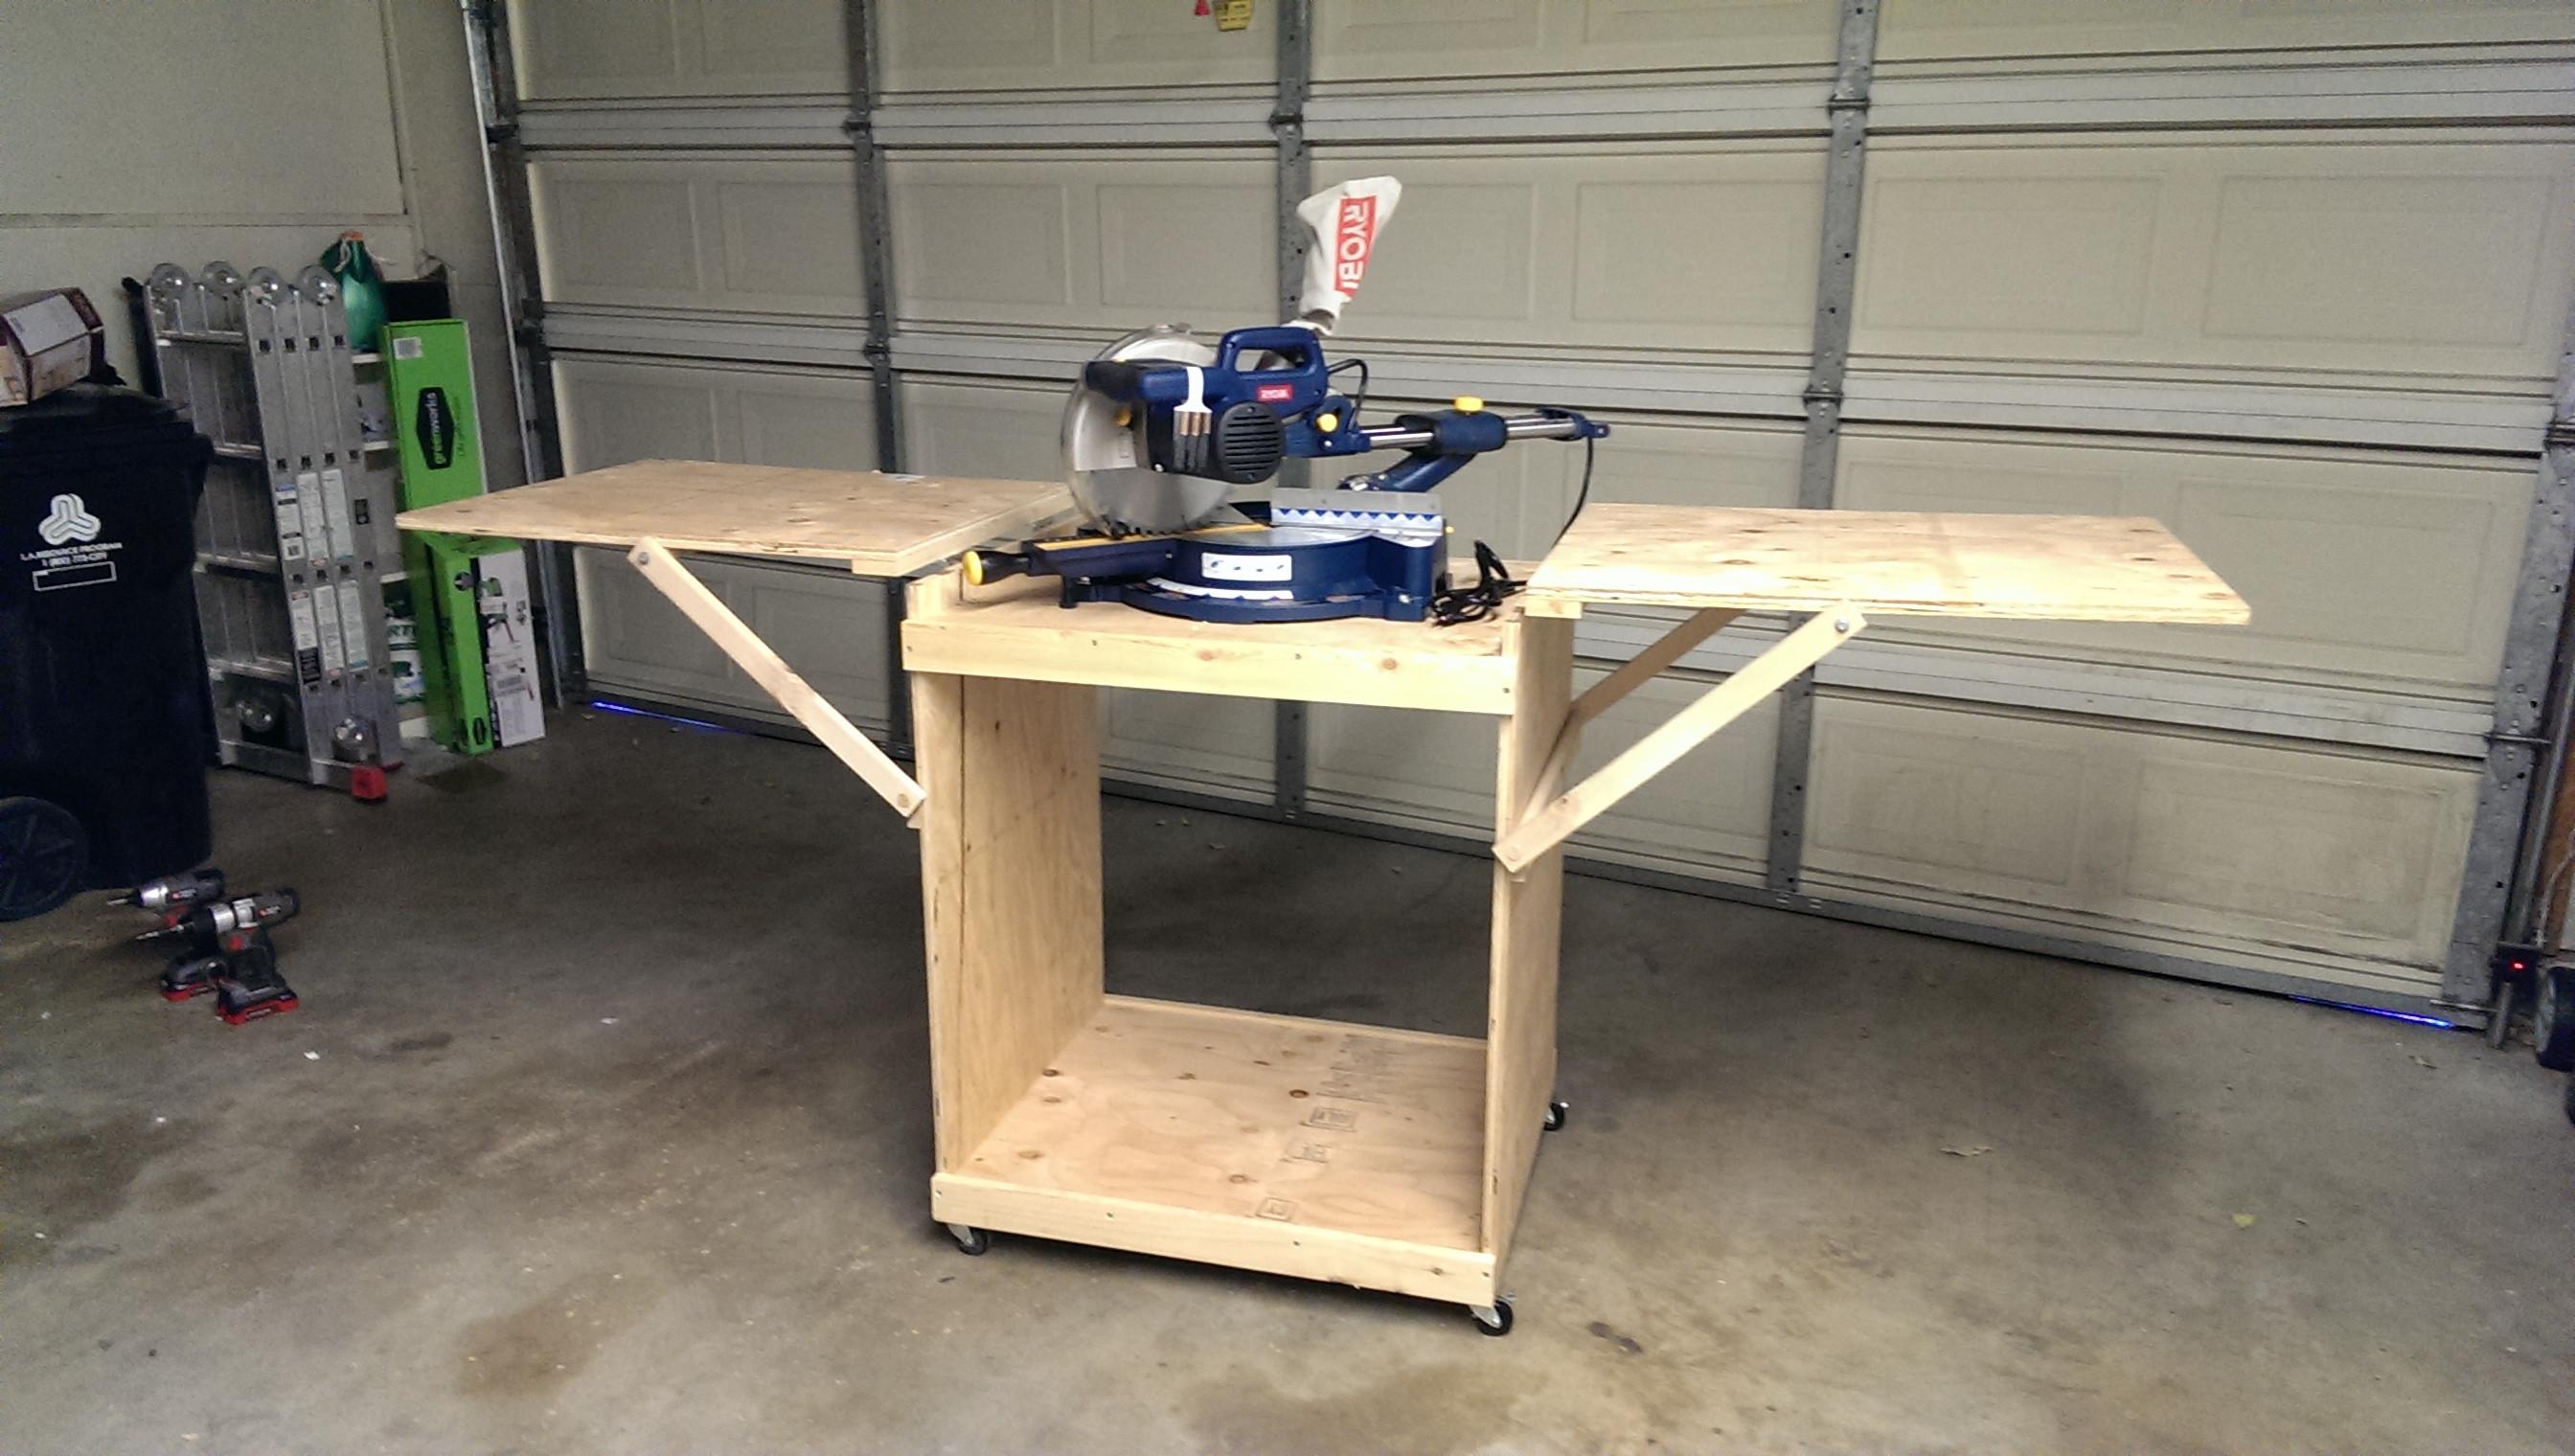 DIY Miter Saw Table  22 DIY Miter Saw Table Plans